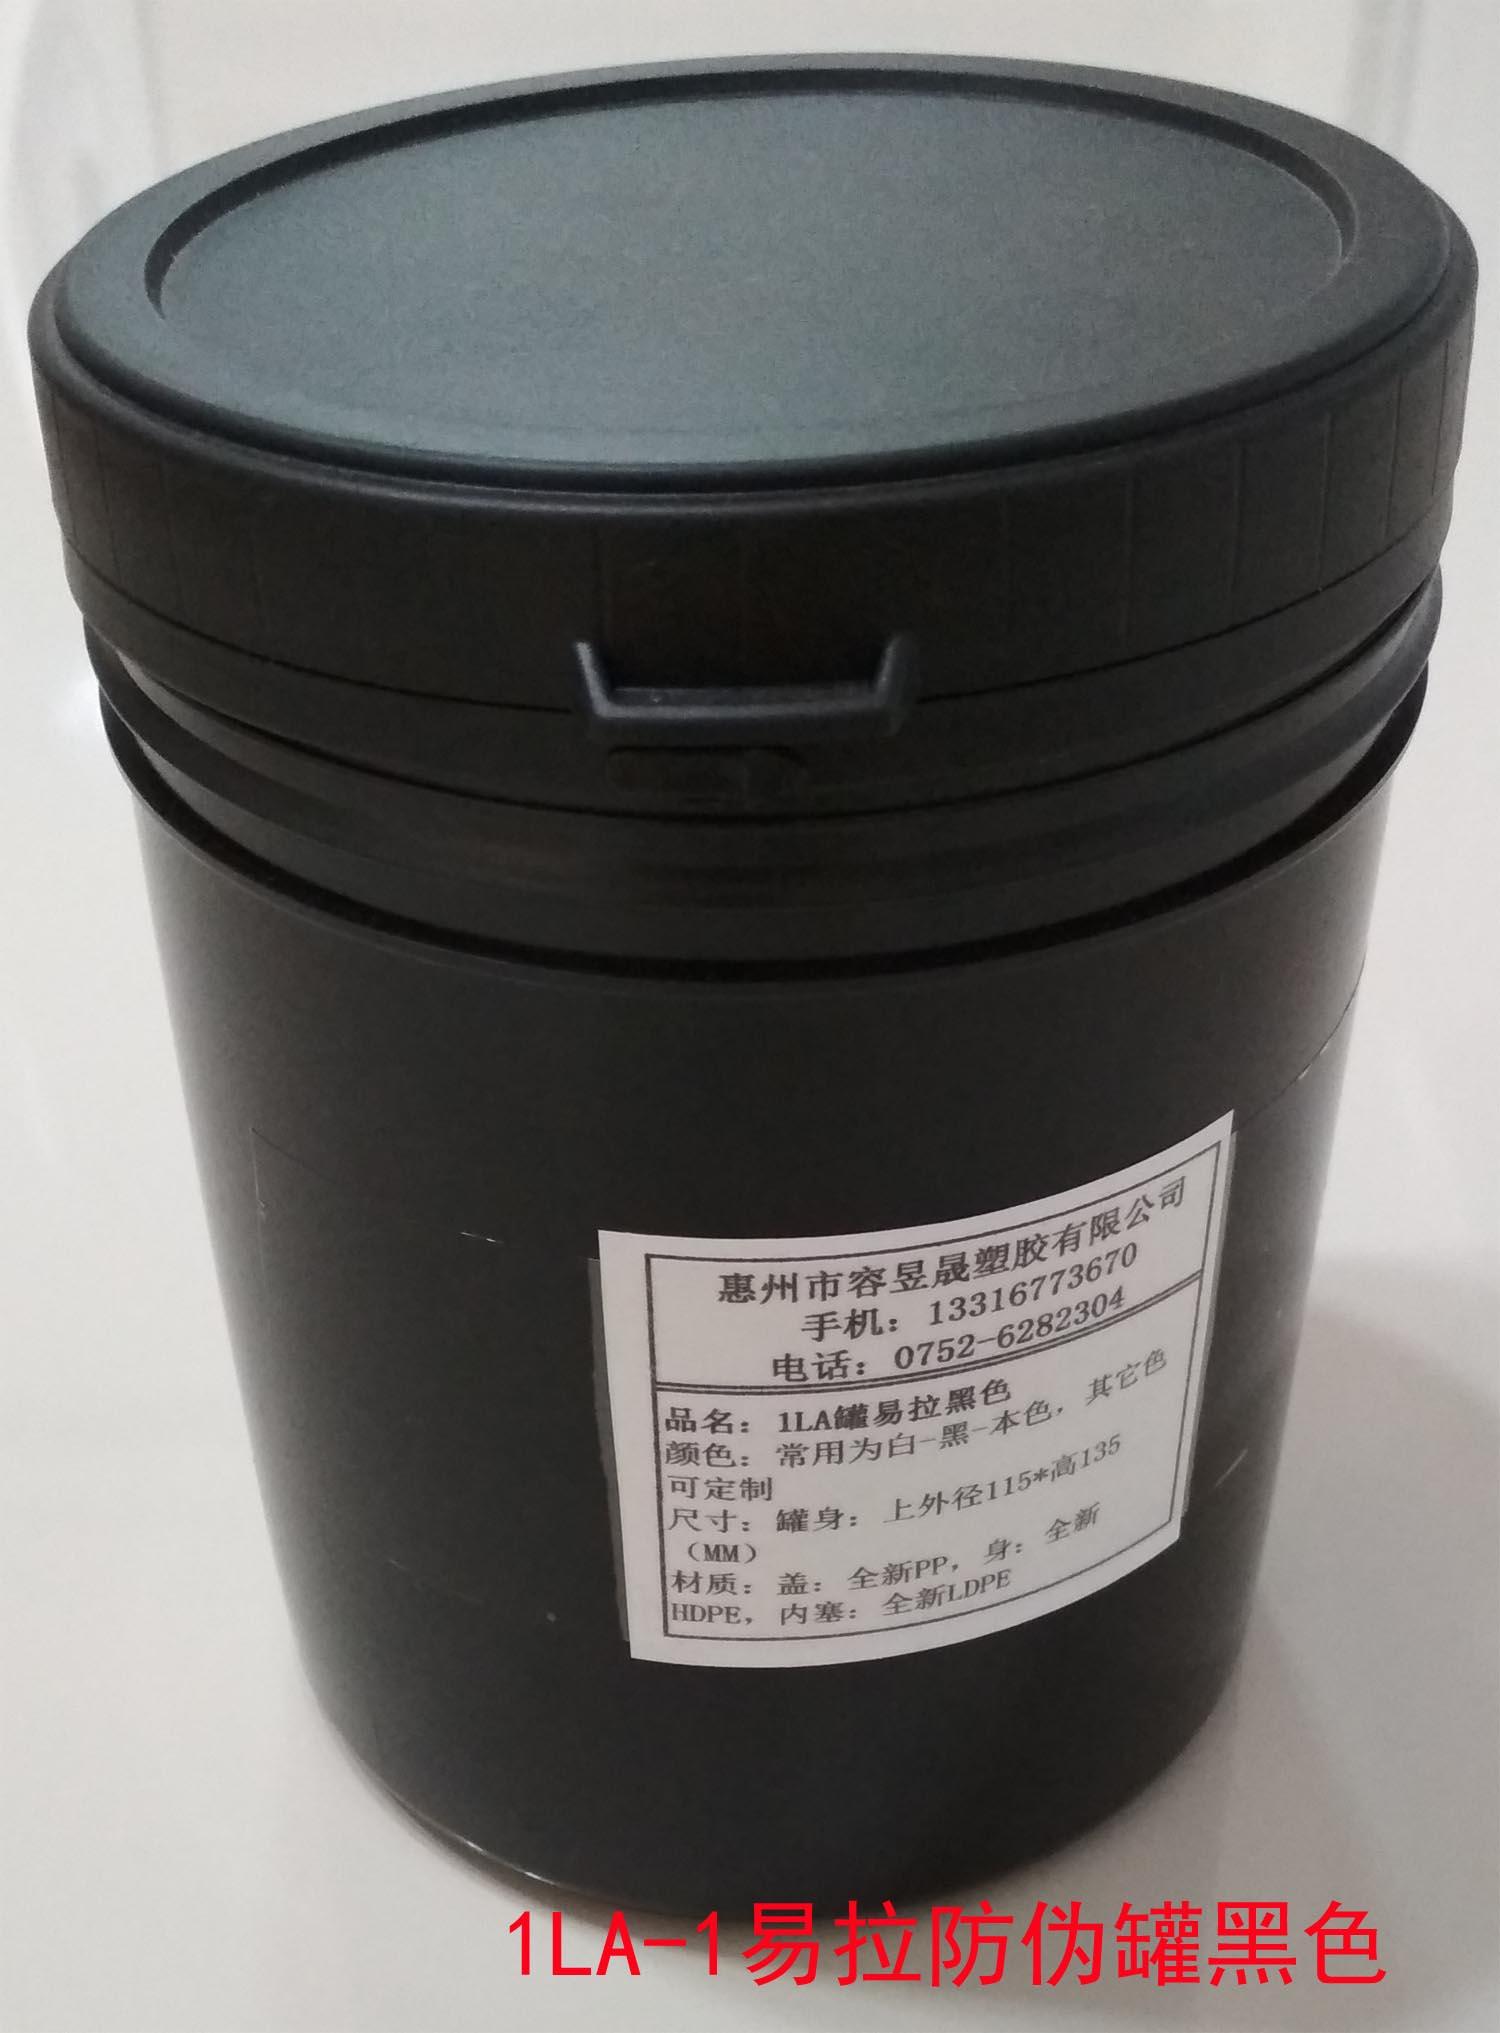 厂家直销容昱晟1L易拉防伪塑胶罐油墨罐黑色样品罐